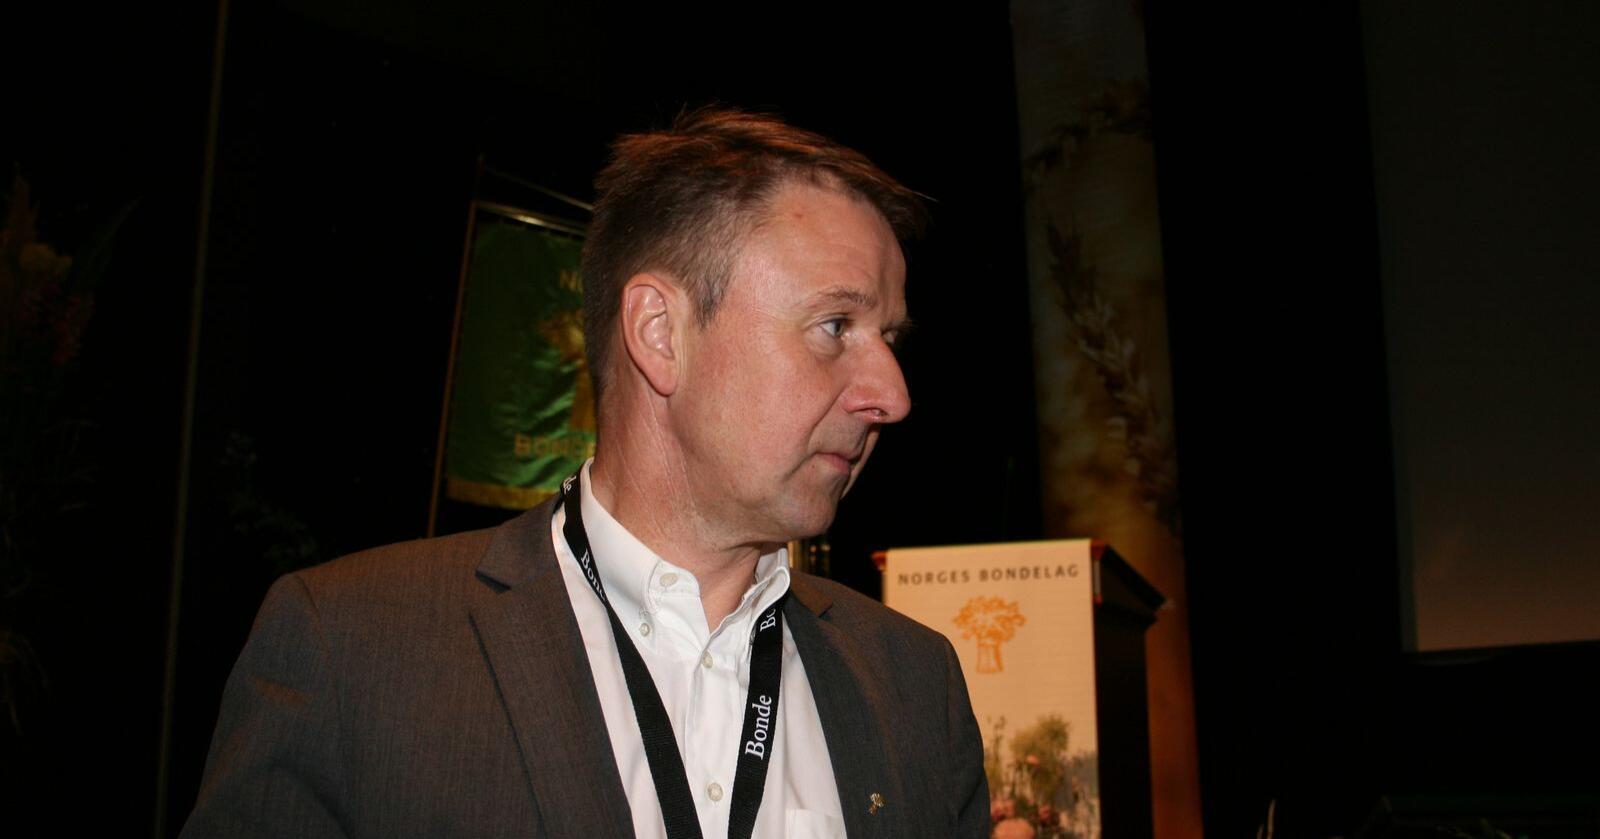 Bondelagsleder Lars Petter Bartnes kan få ny rolle i lokalpolitikken, skriver Trønder-Avisa. Foto: Bjarne Bekkeheien Aase